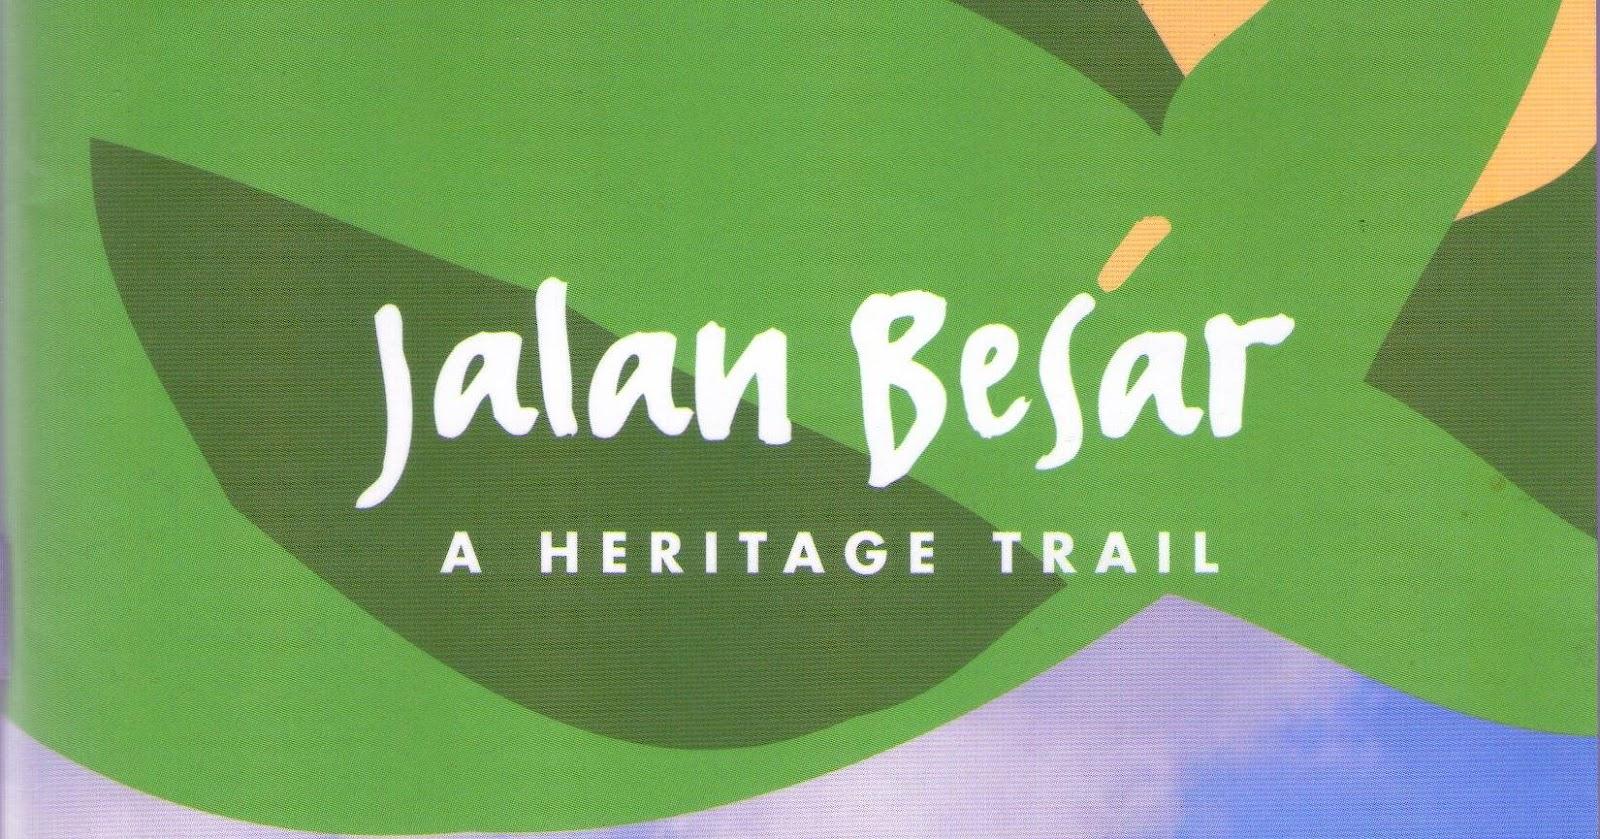 Jalan besar heritage trail